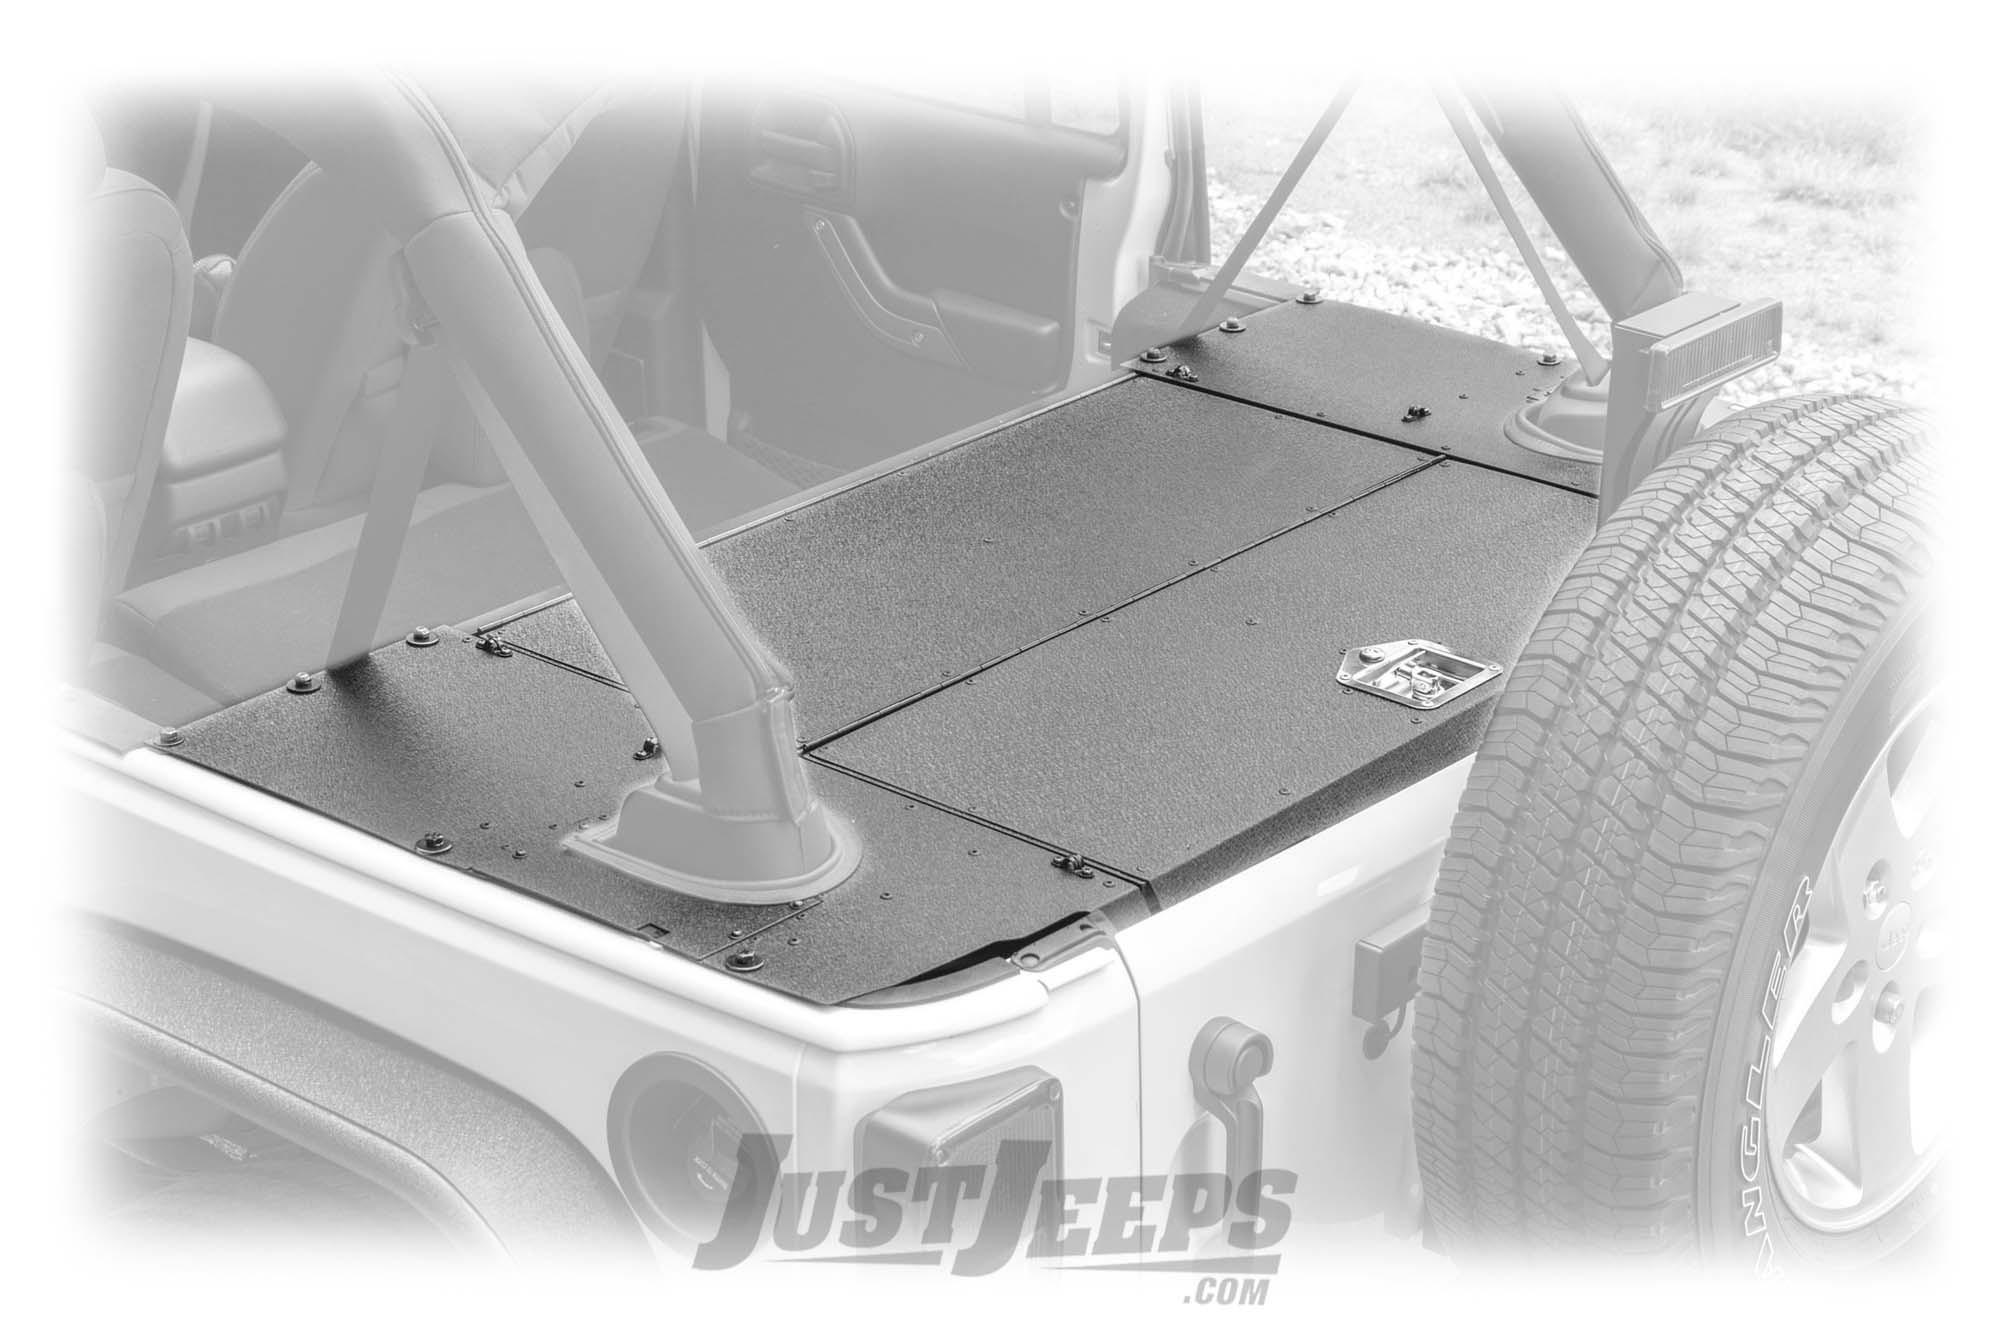 Aries Automotive Security Cargo Lid For 2007-10 Jeep Wrangler JK Unlimited 4 Door Models